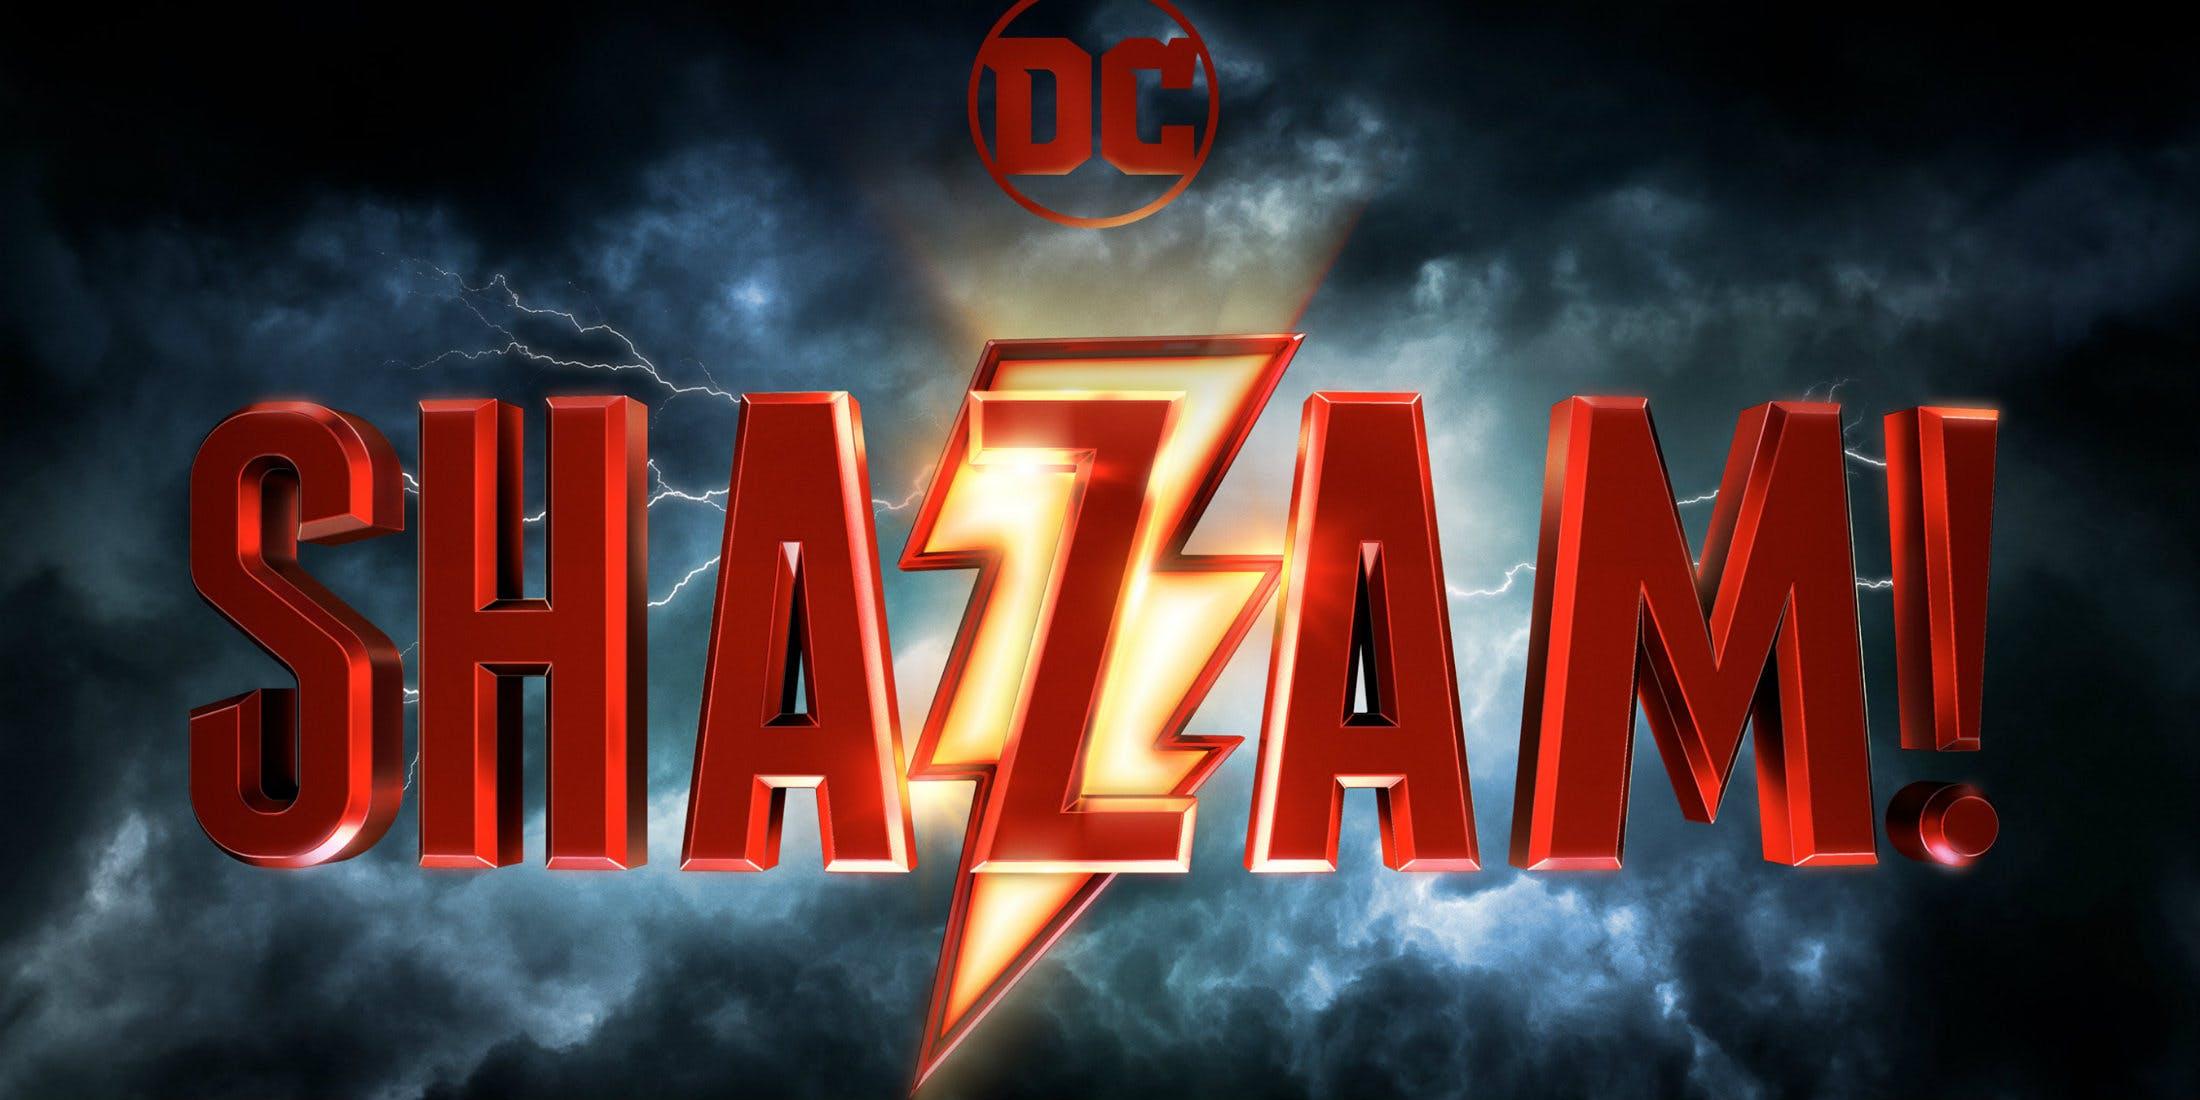 Shazam-movie-logo